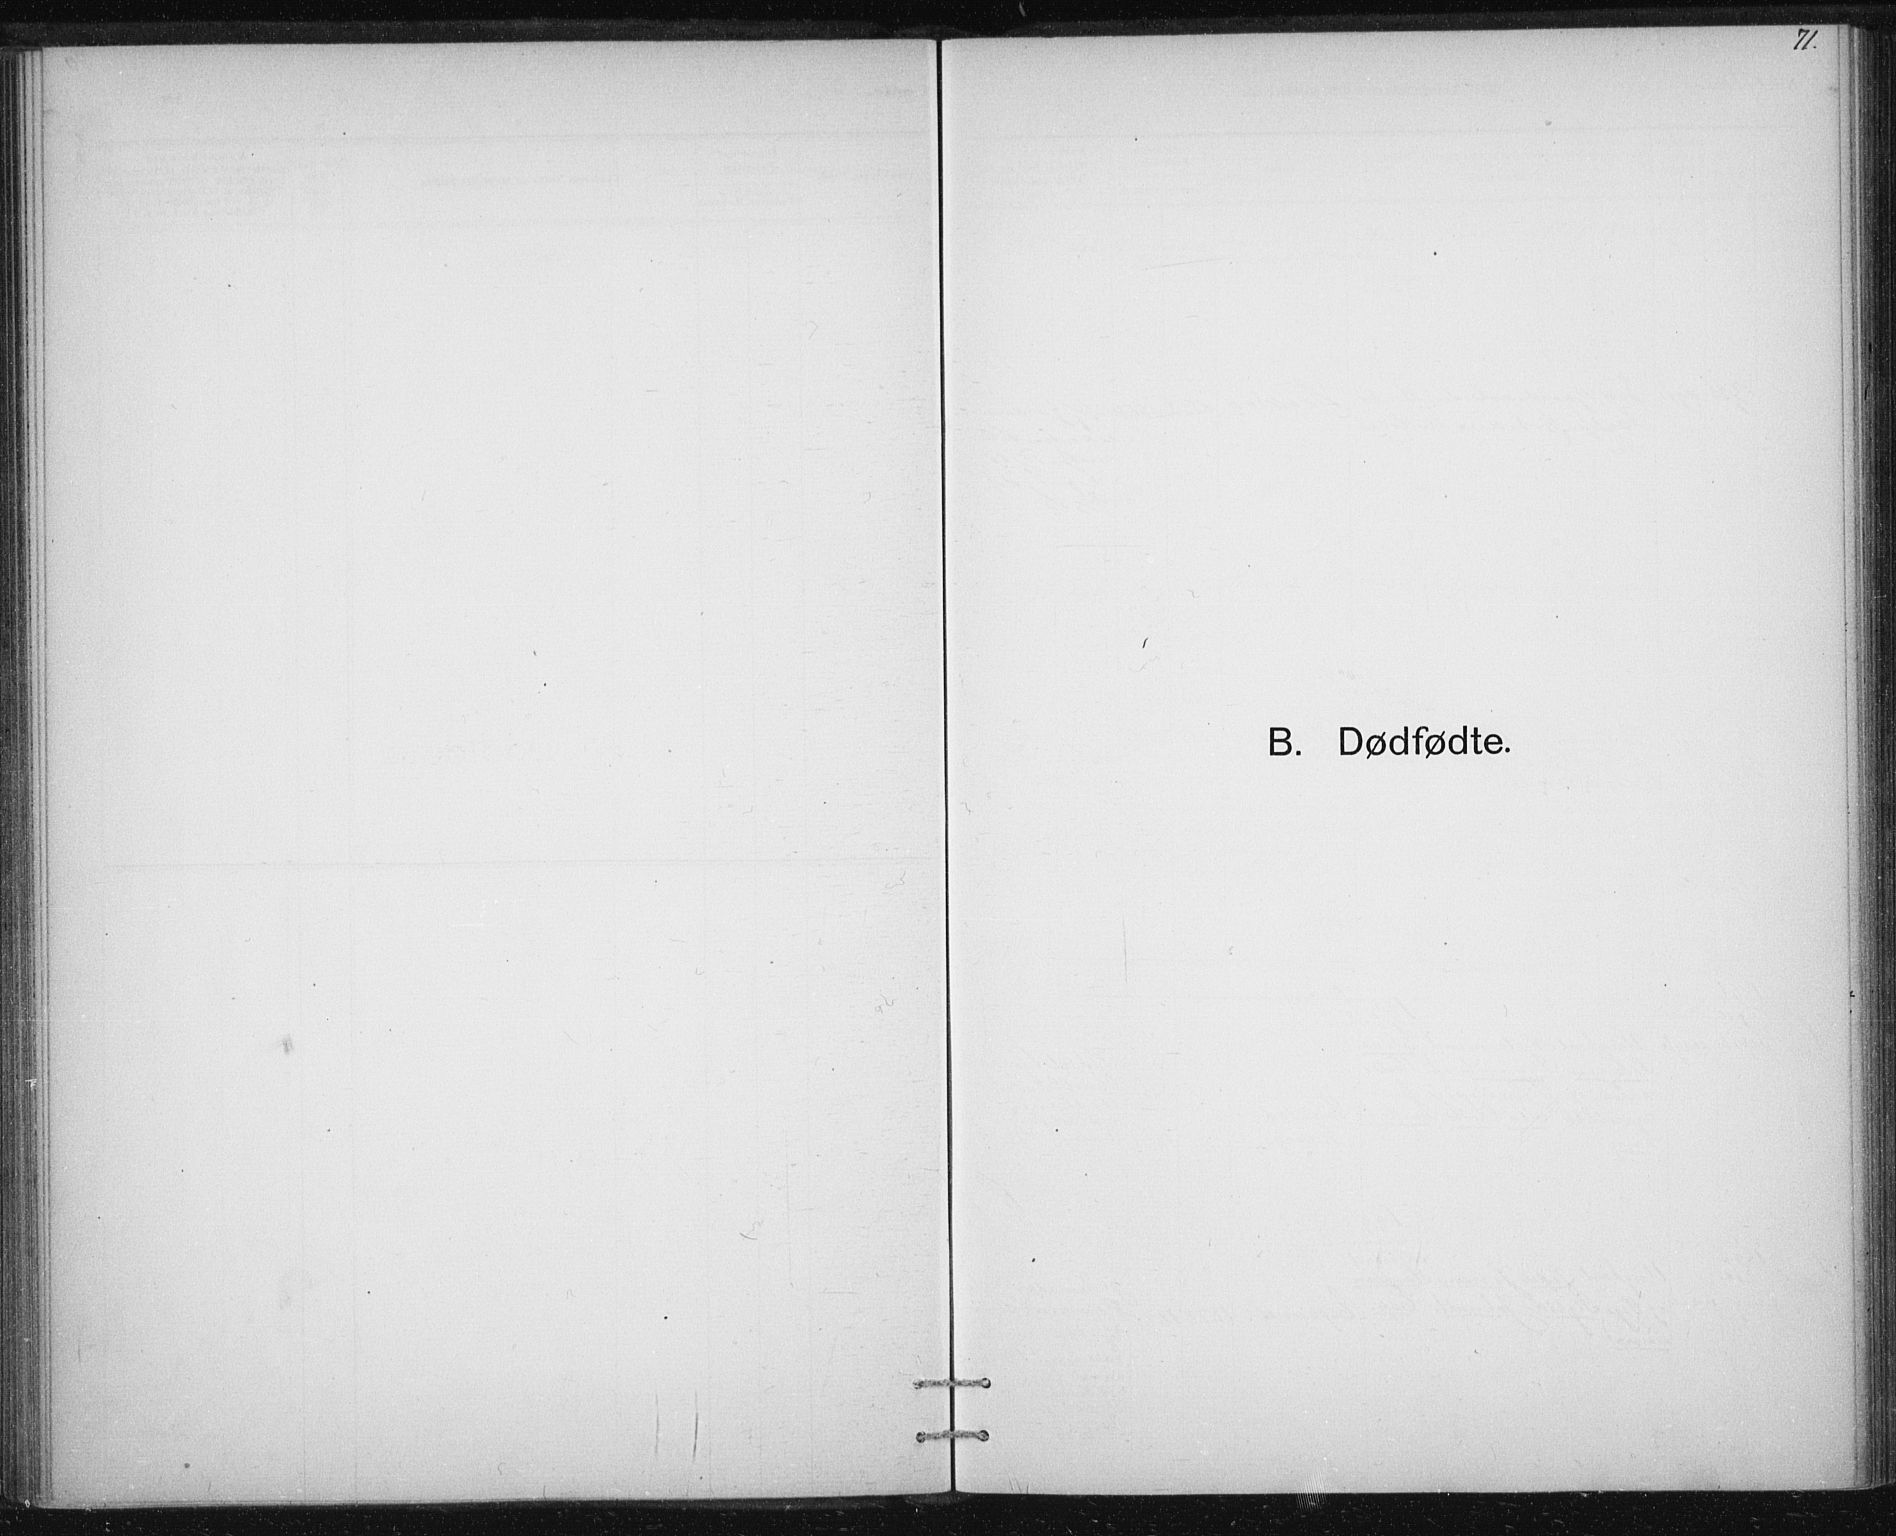 SAT, Ministerialprotokoller, klokkerbøker og fødselsregistre - Sør-Trøndelag, 613/L0392: Ministerialbok nr. 613A01, 1887-1906, s. 71